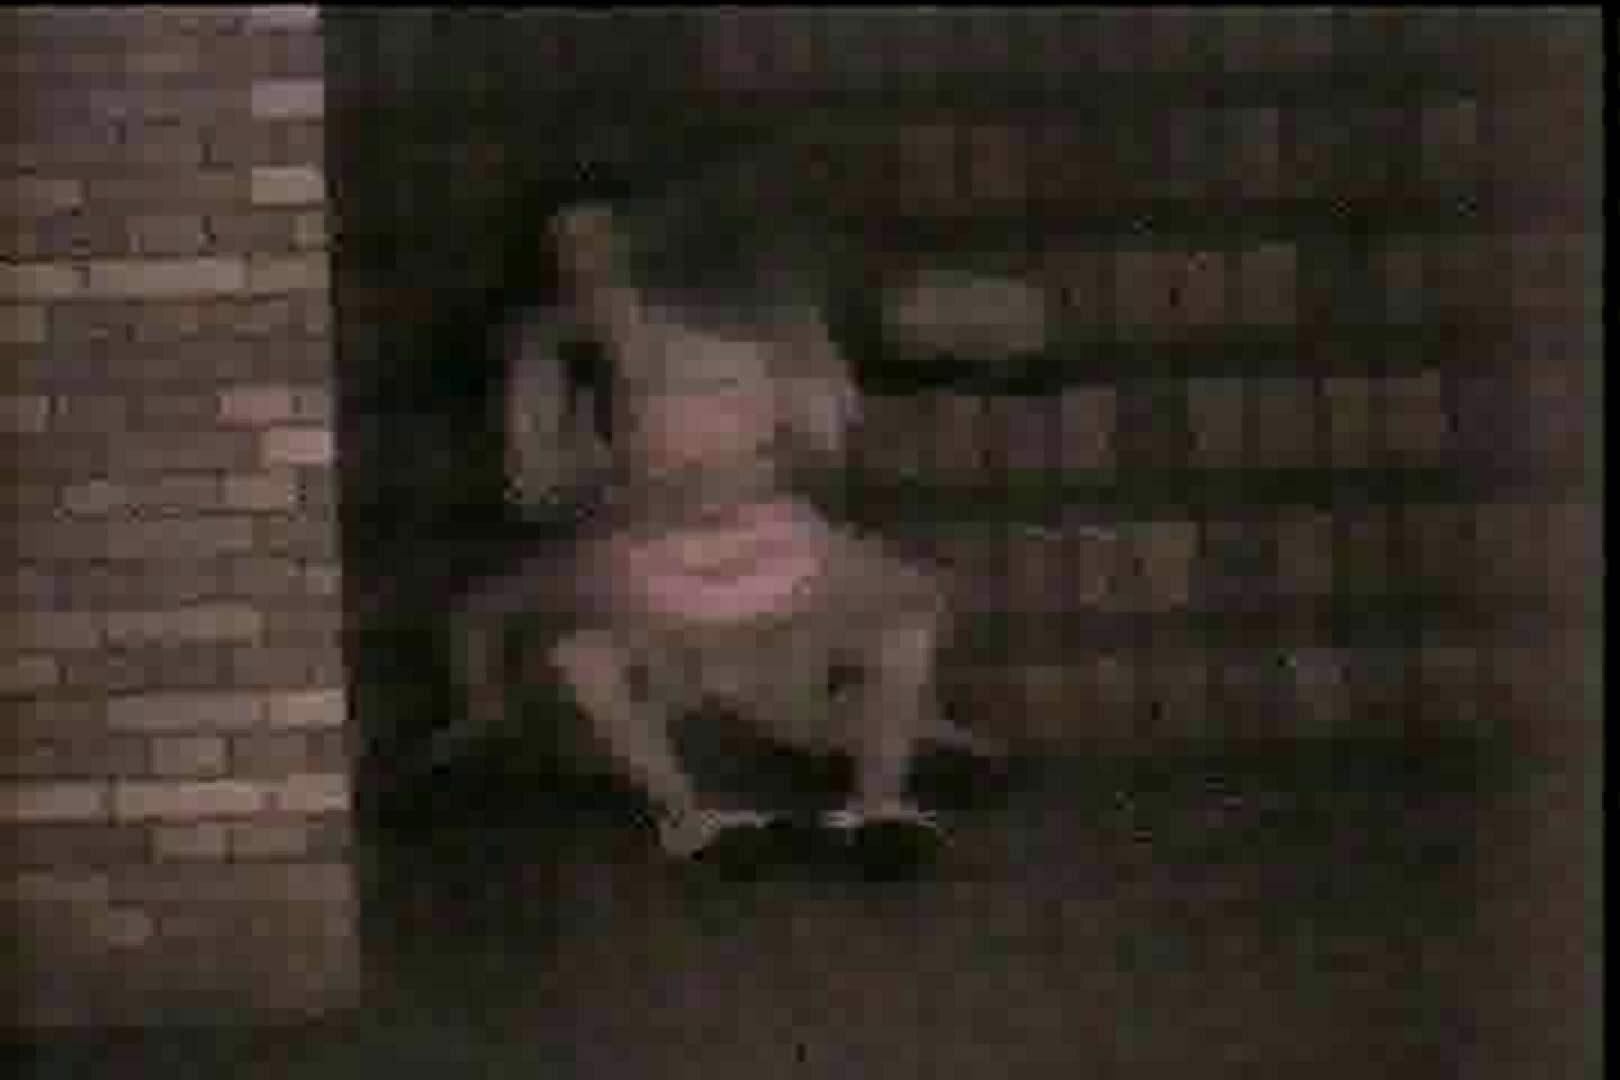 闇の仕掛け人 無修正版 Vol.18 制服 覗きぱこり動画紹介 41連発 4